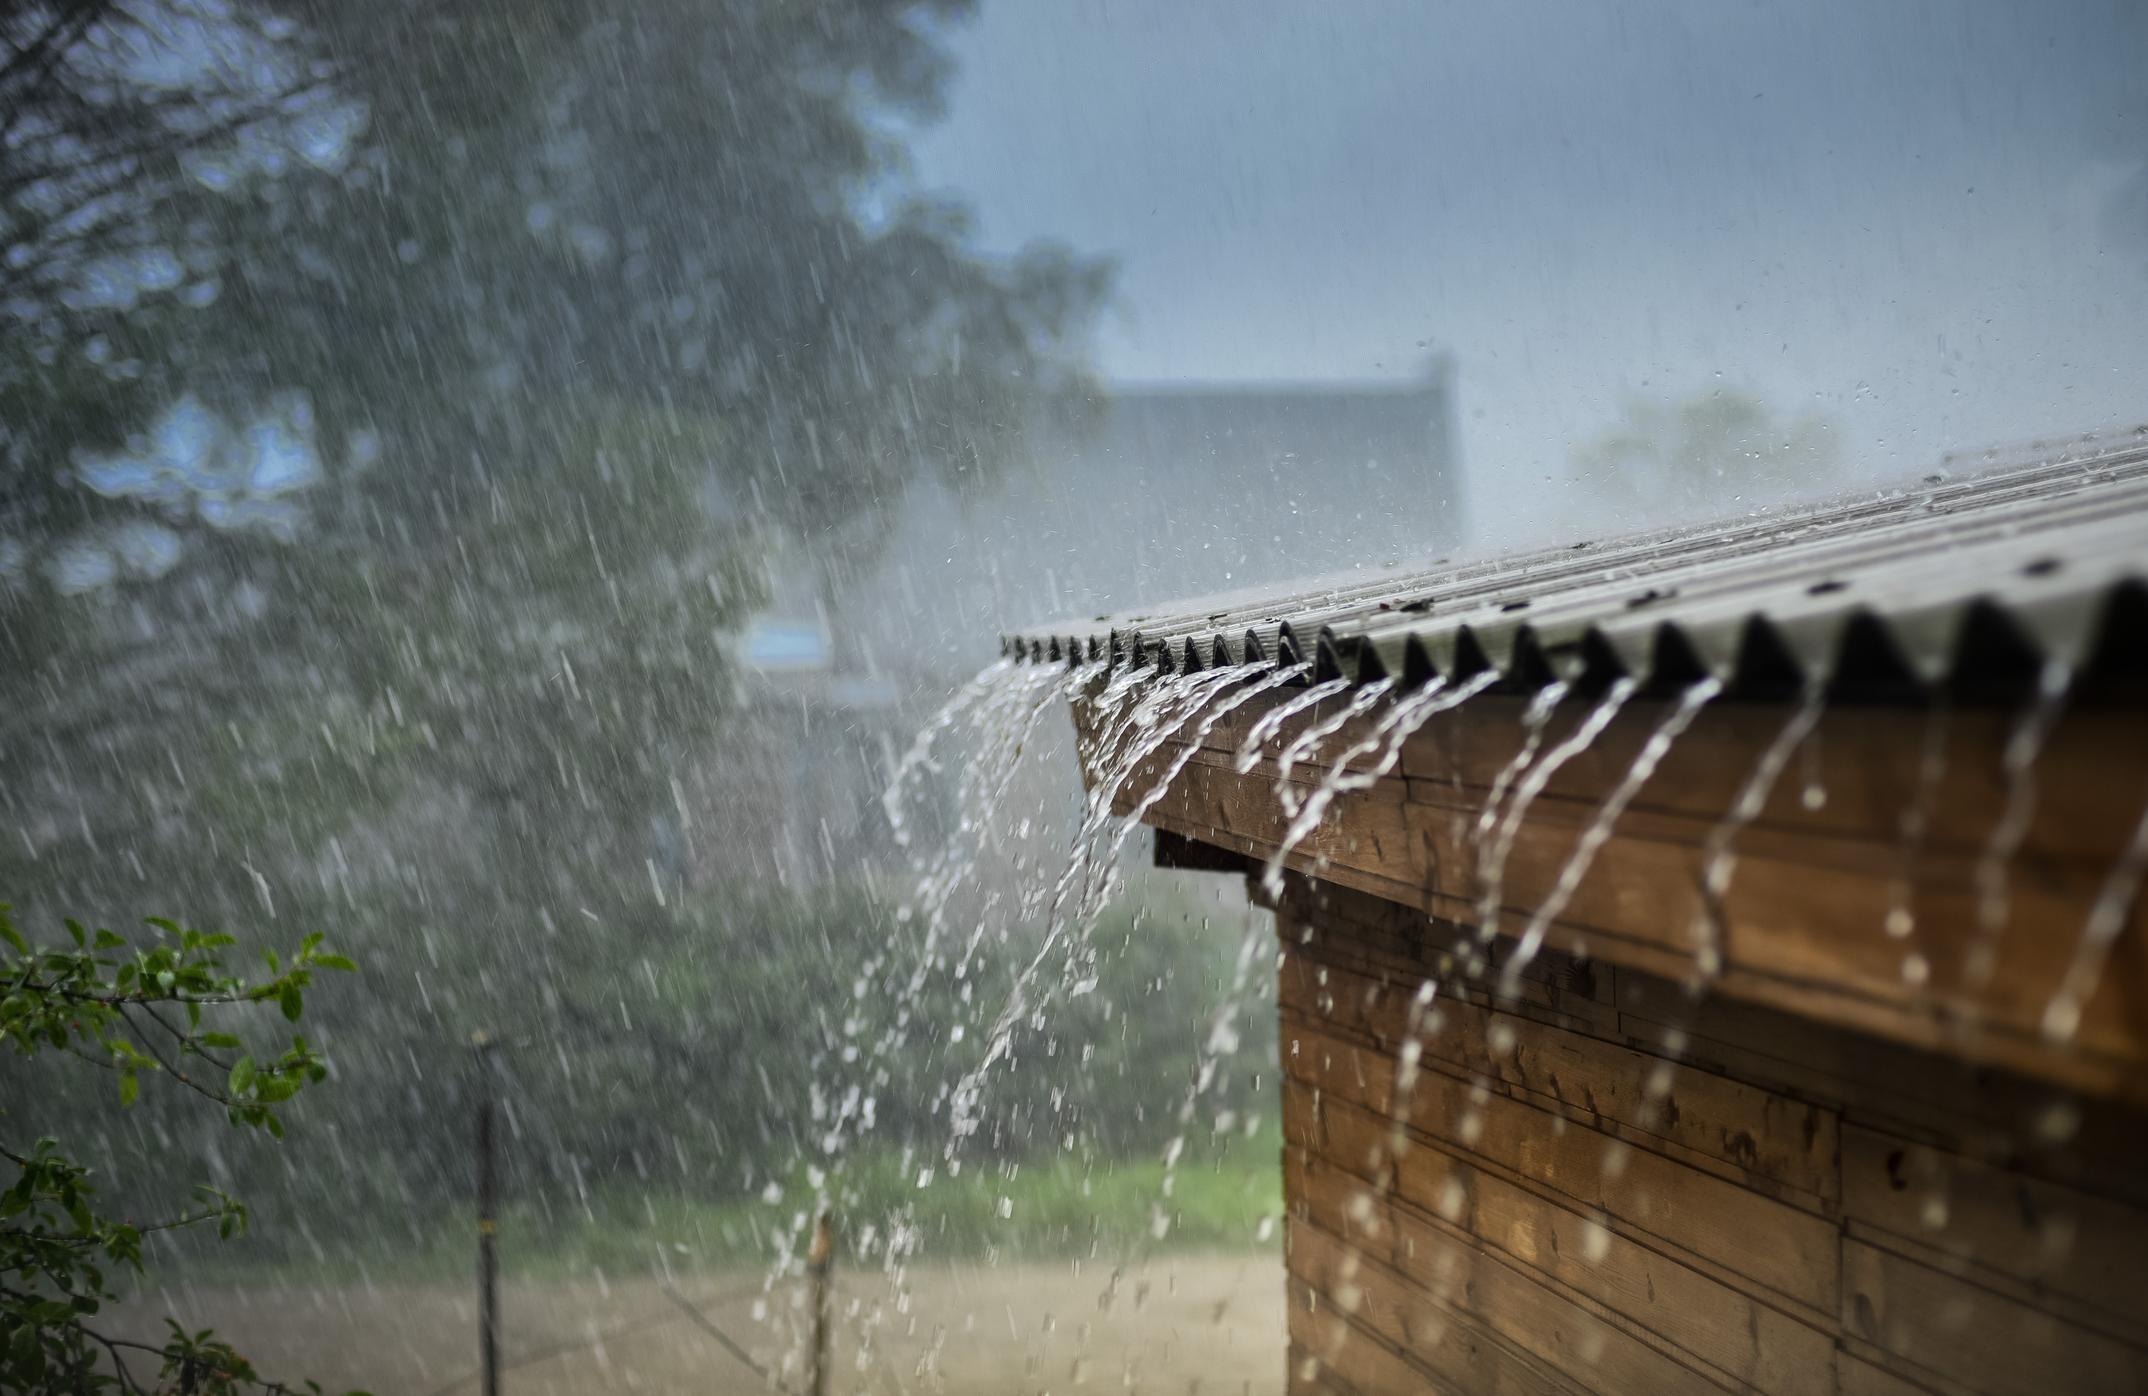 rain on roof.jpg